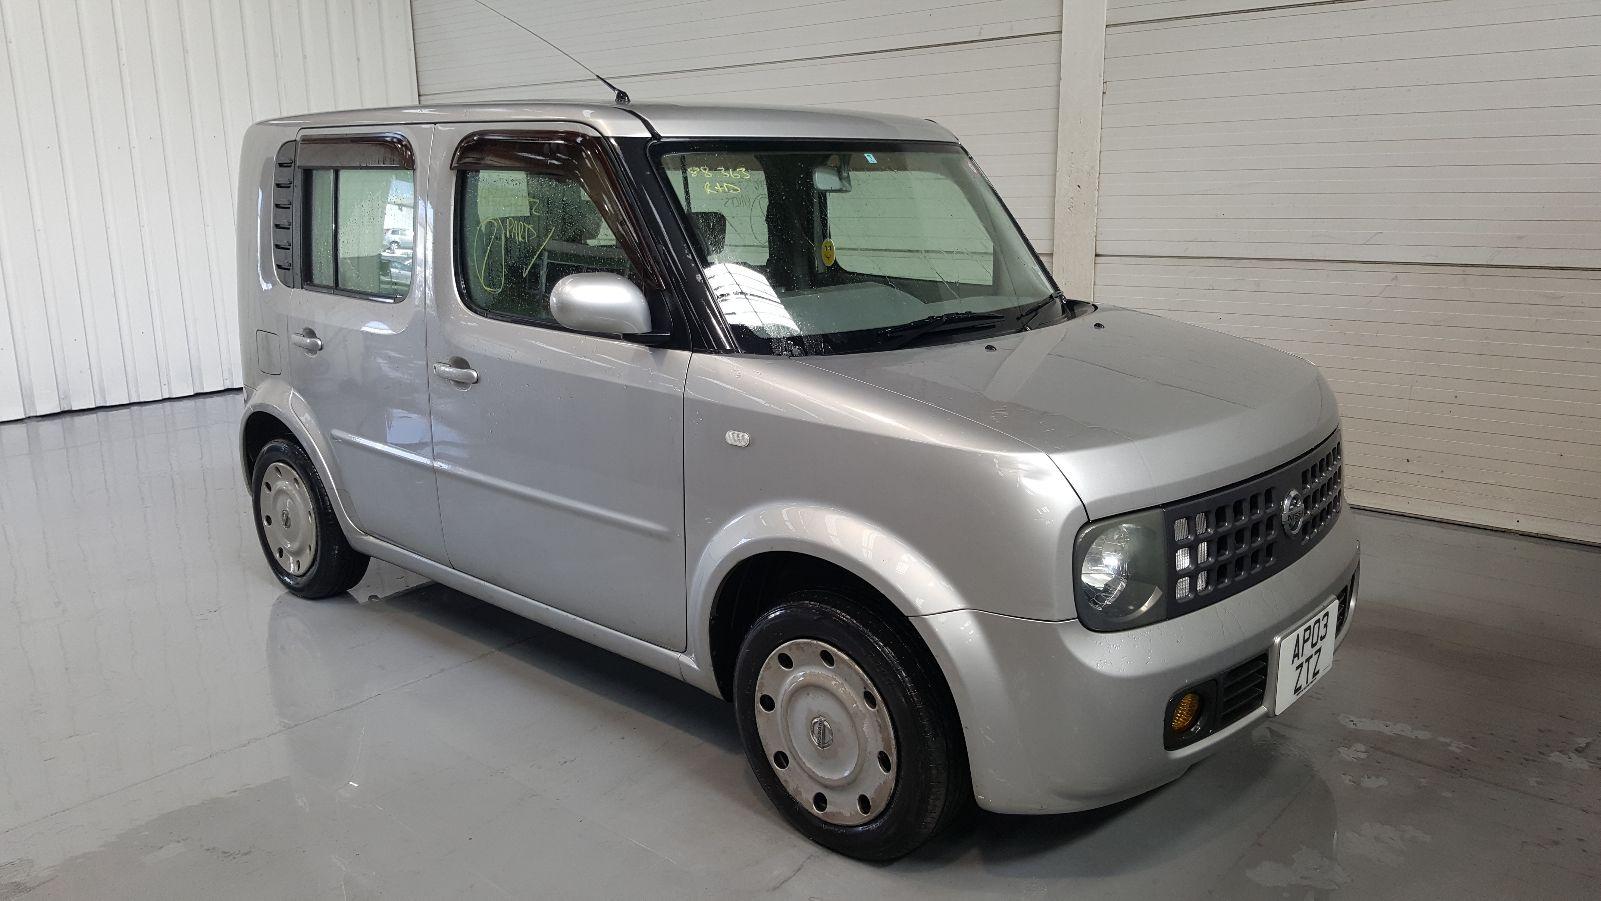 Image for a Nissan Cube 2003 5 Door Hatchback